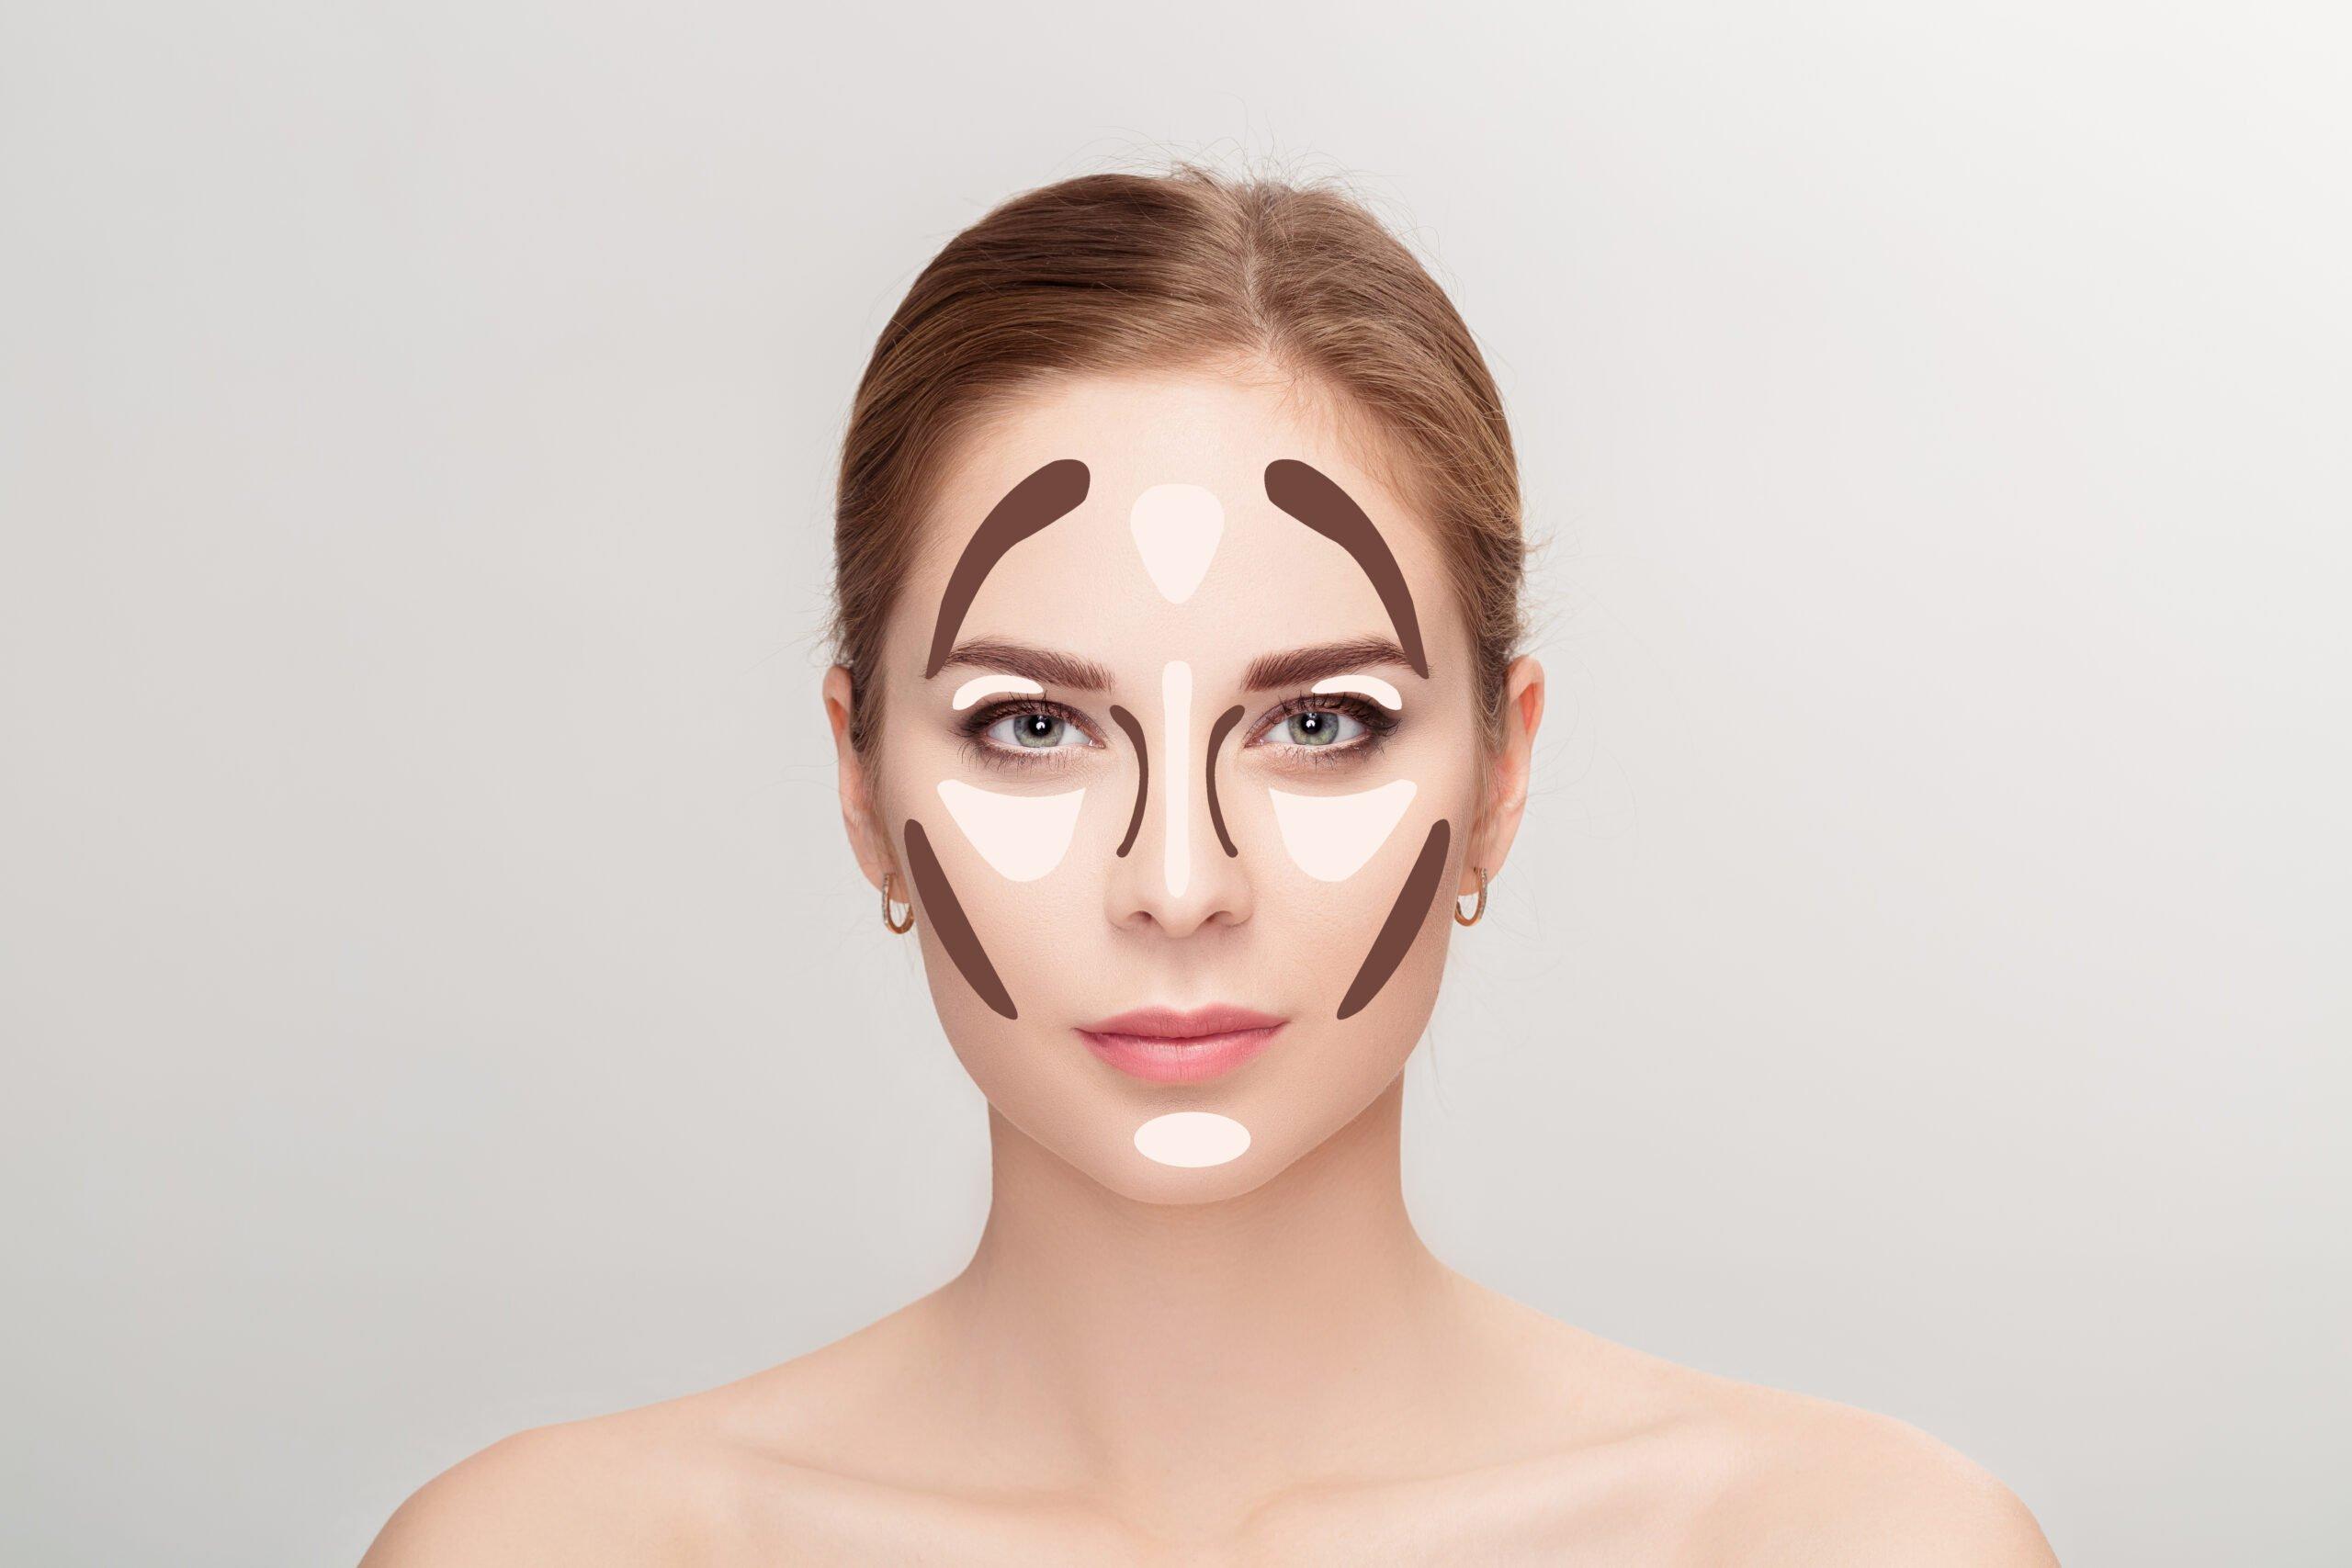 Gesicht mit Contouring-Anleitung